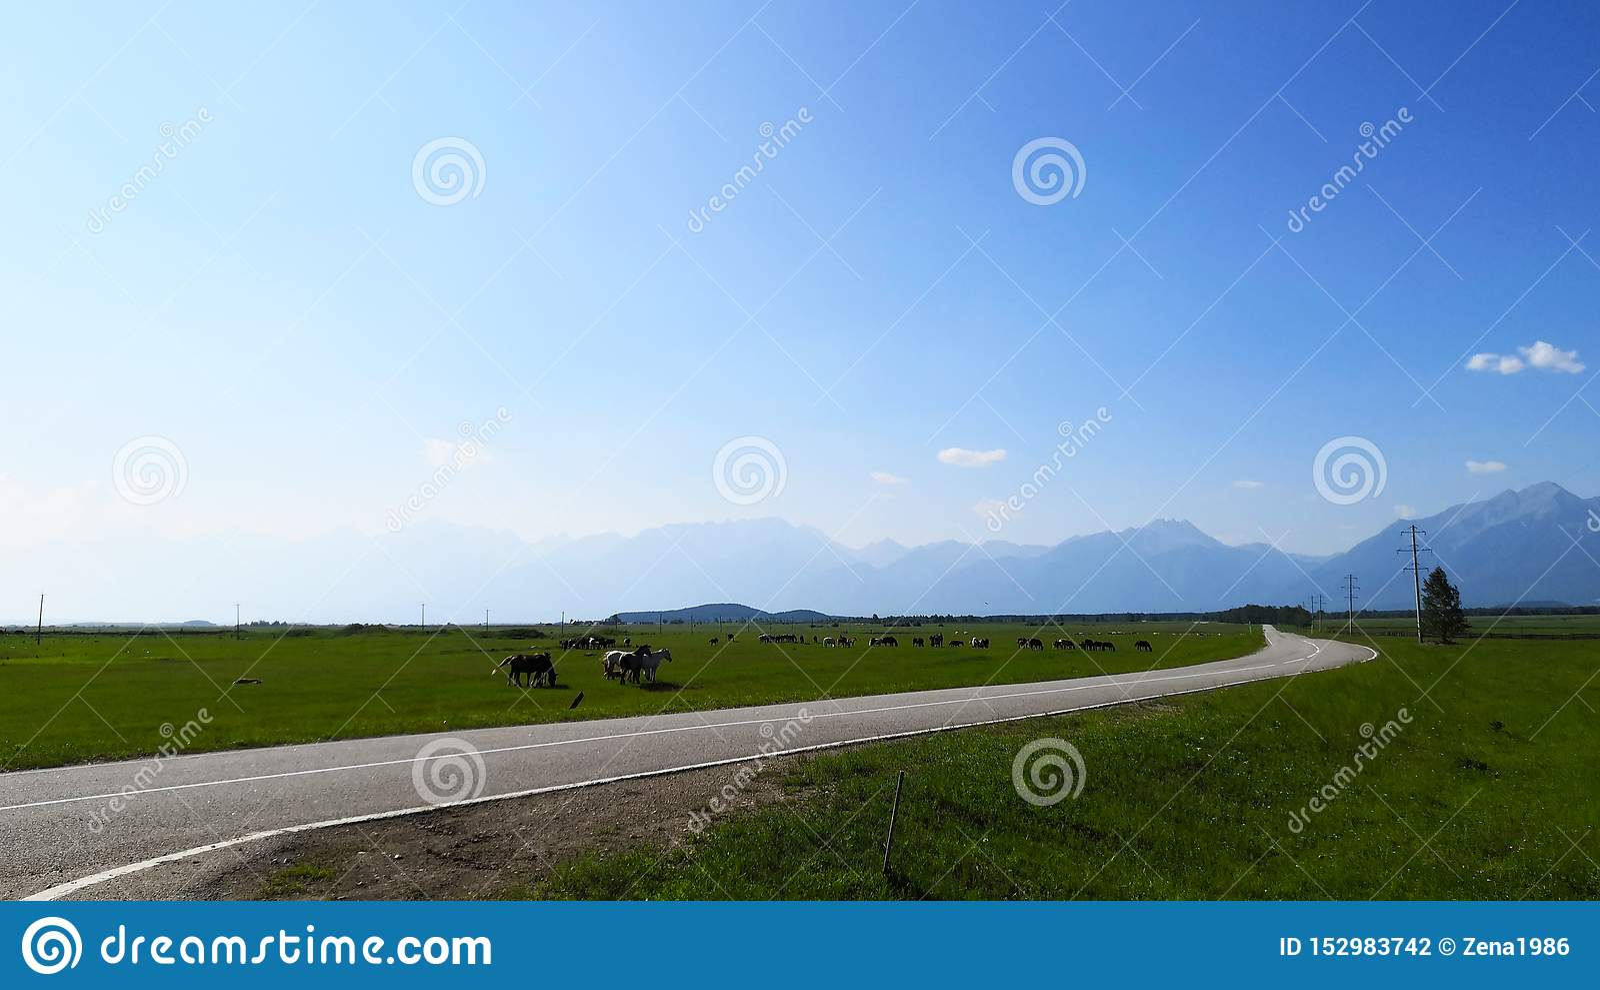 El pasto de caballos en un campo del paisaje en un día de verano en las montañas dio un día claro contra el cielo azul